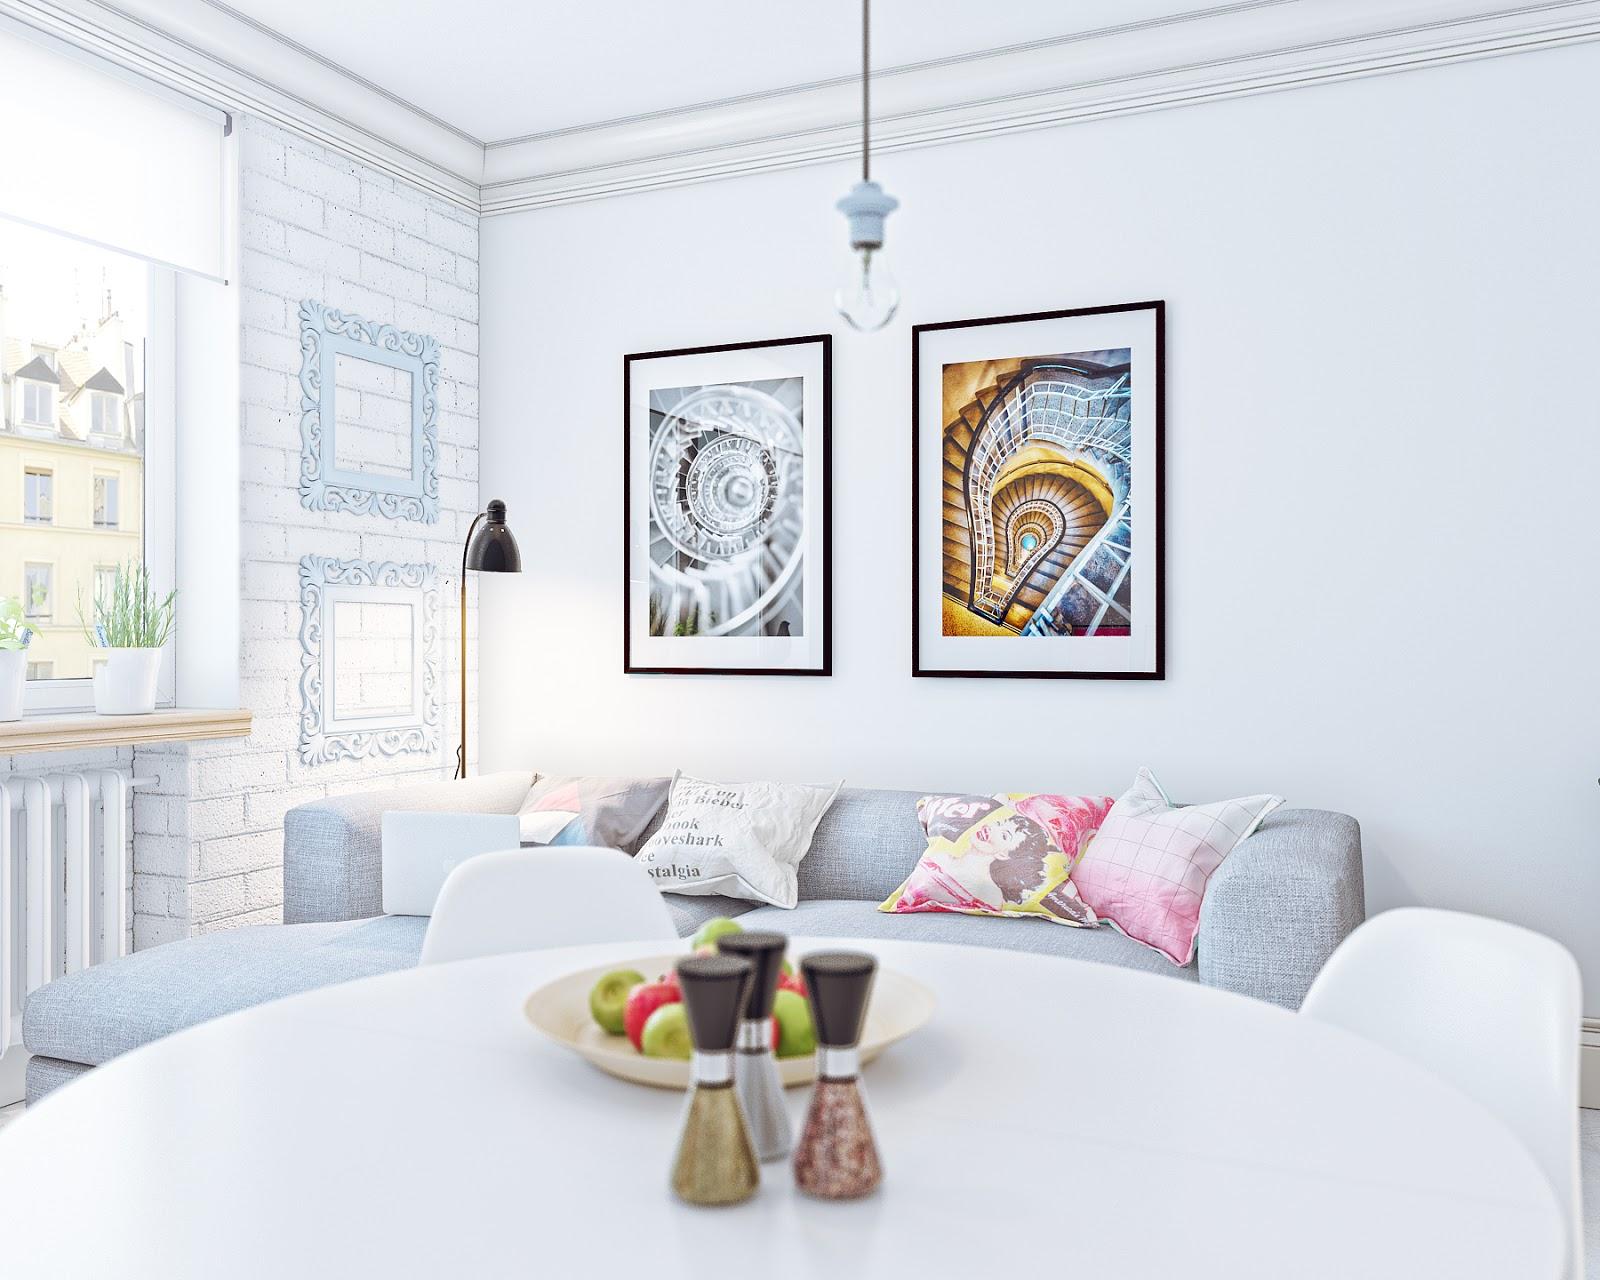 Arredare piccoli spazi giocando con i colori 25 mq for Decorar casa 25 metros